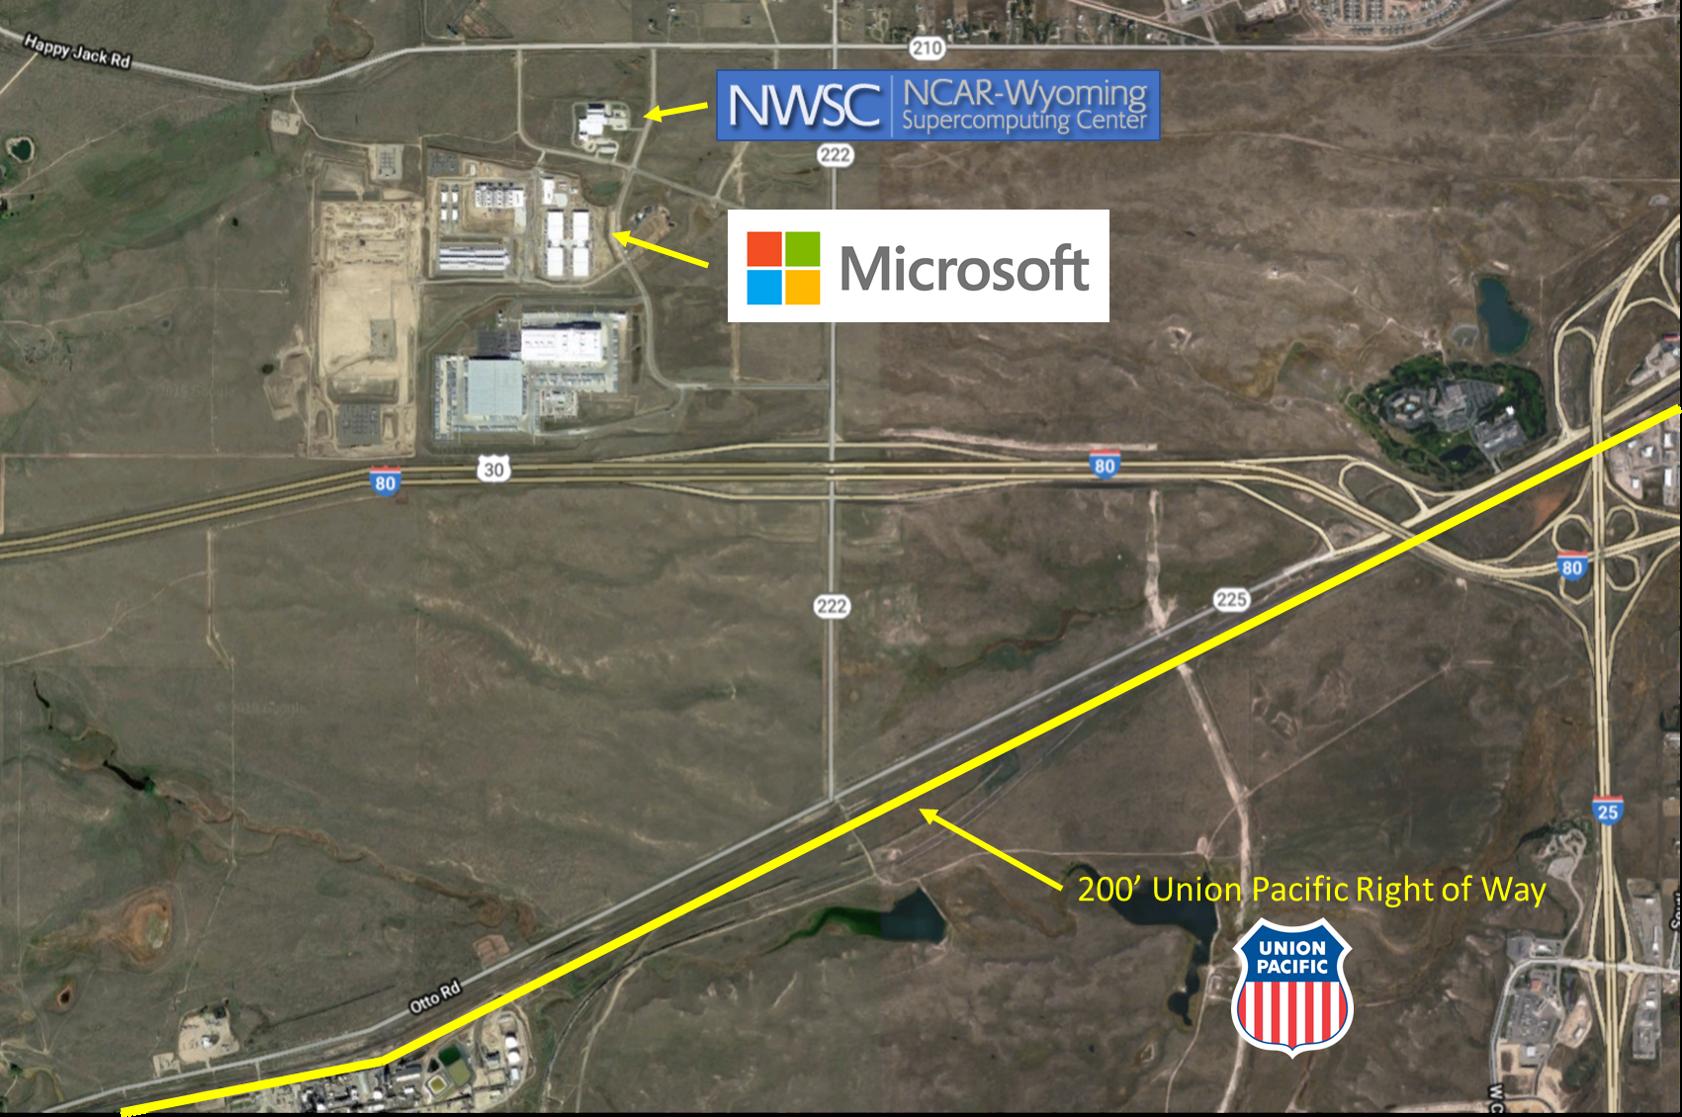 участки Microsoft и NCAR